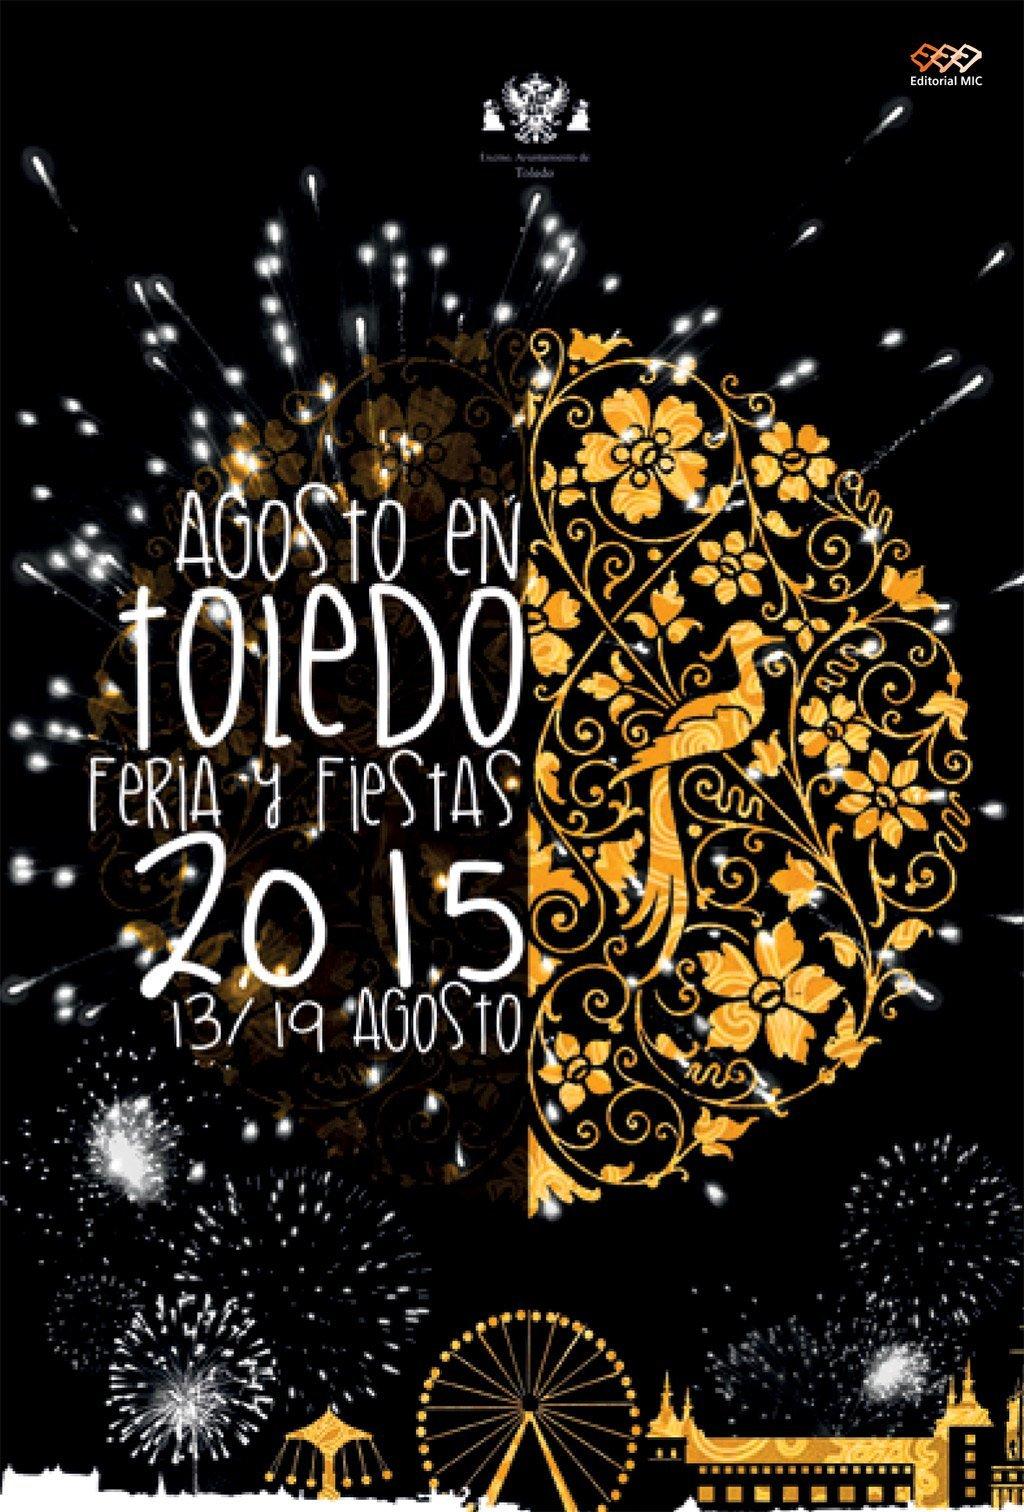 Feria y fiestas Toledo 2015